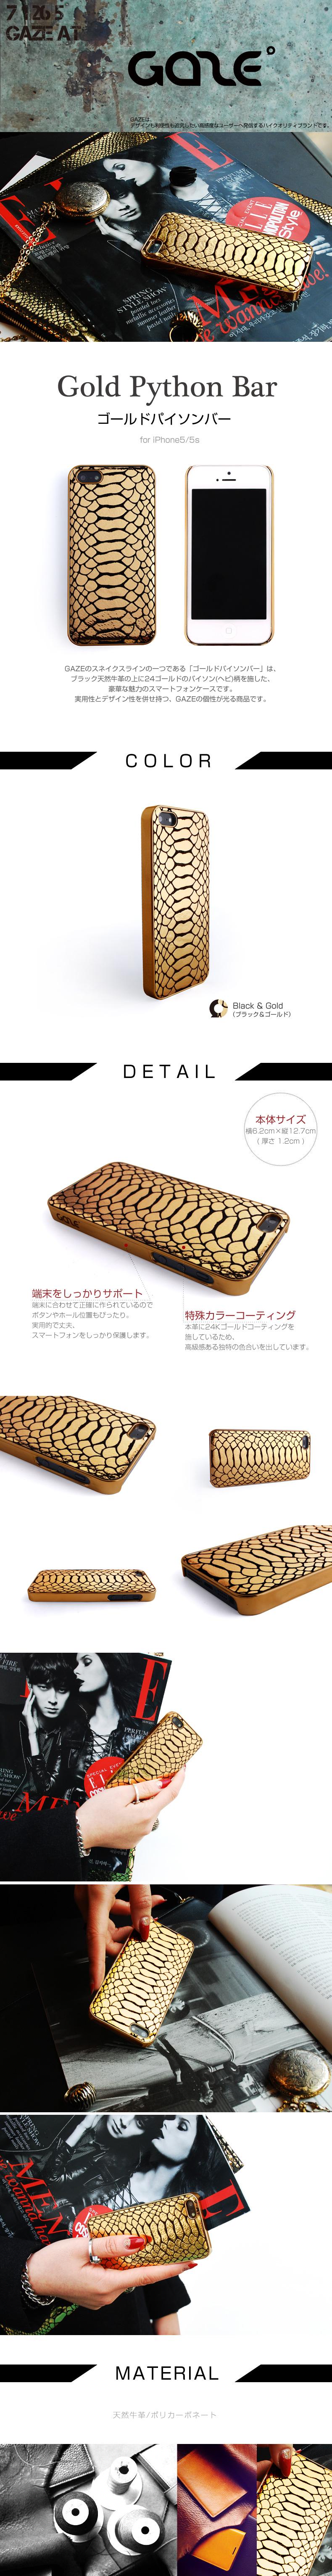 商品詳細iPhone5/5sゴールドパイソンバー